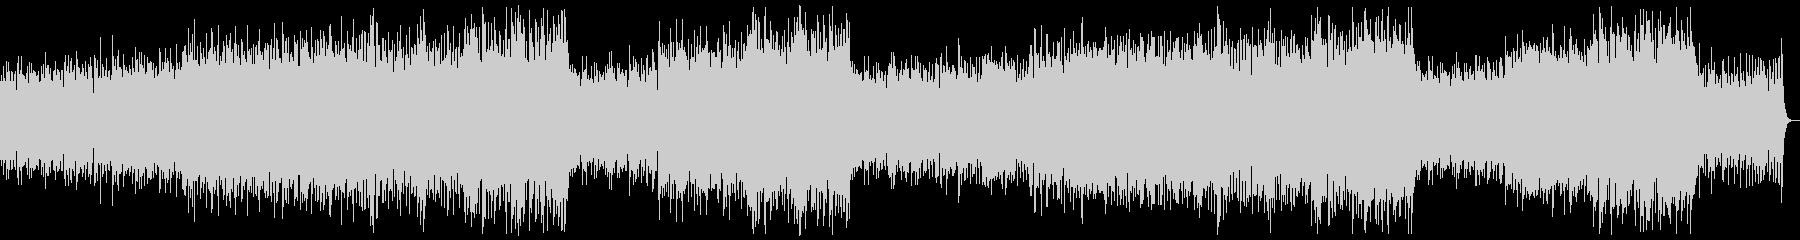 ケルト風ポップオーケストラ:フル2回の未再生の波形